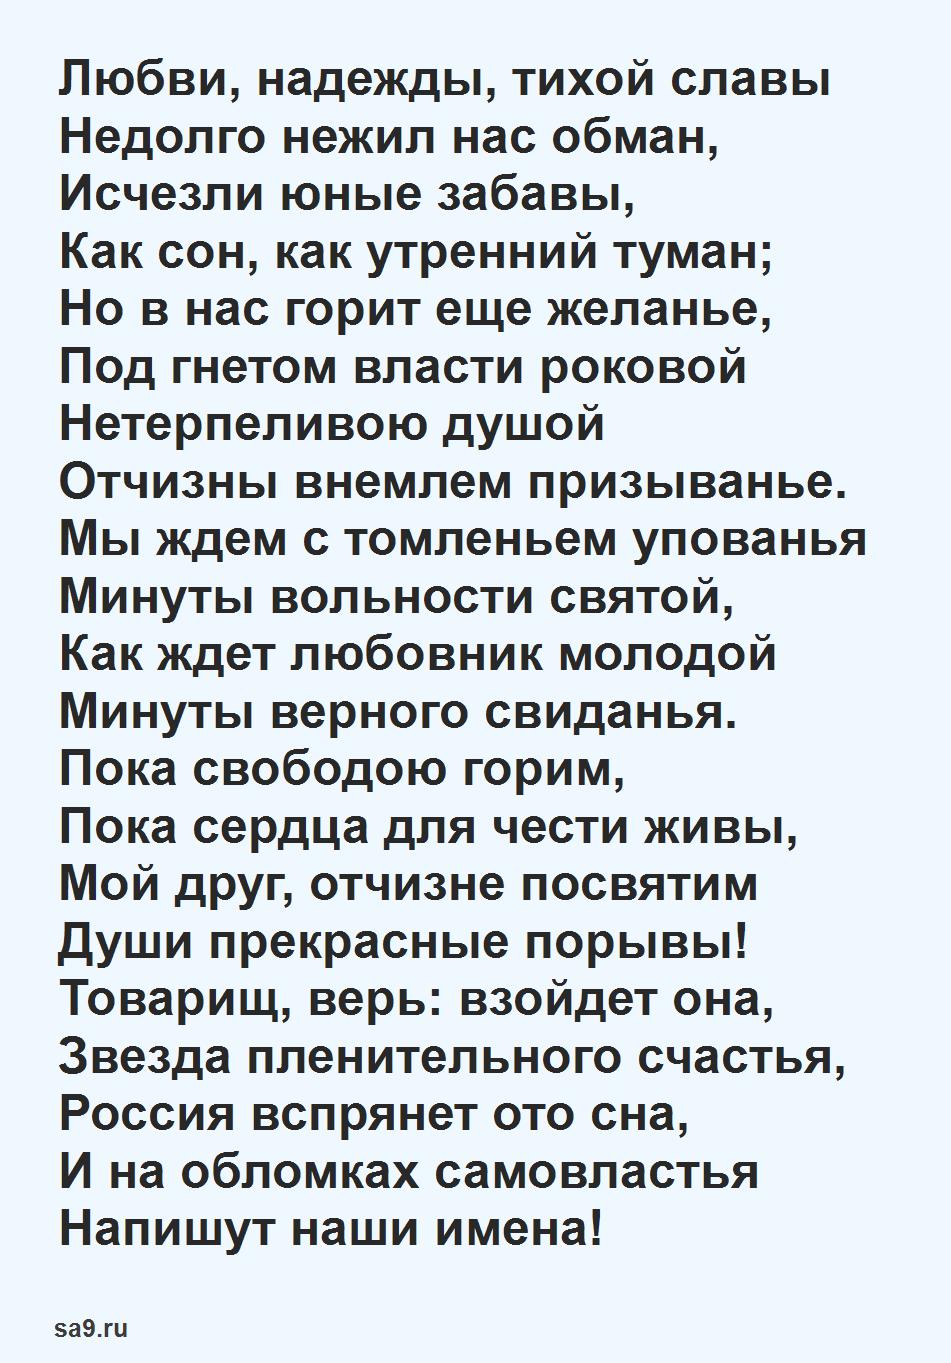 Читать лучшие стихи Пушкина - К Чаадаеву